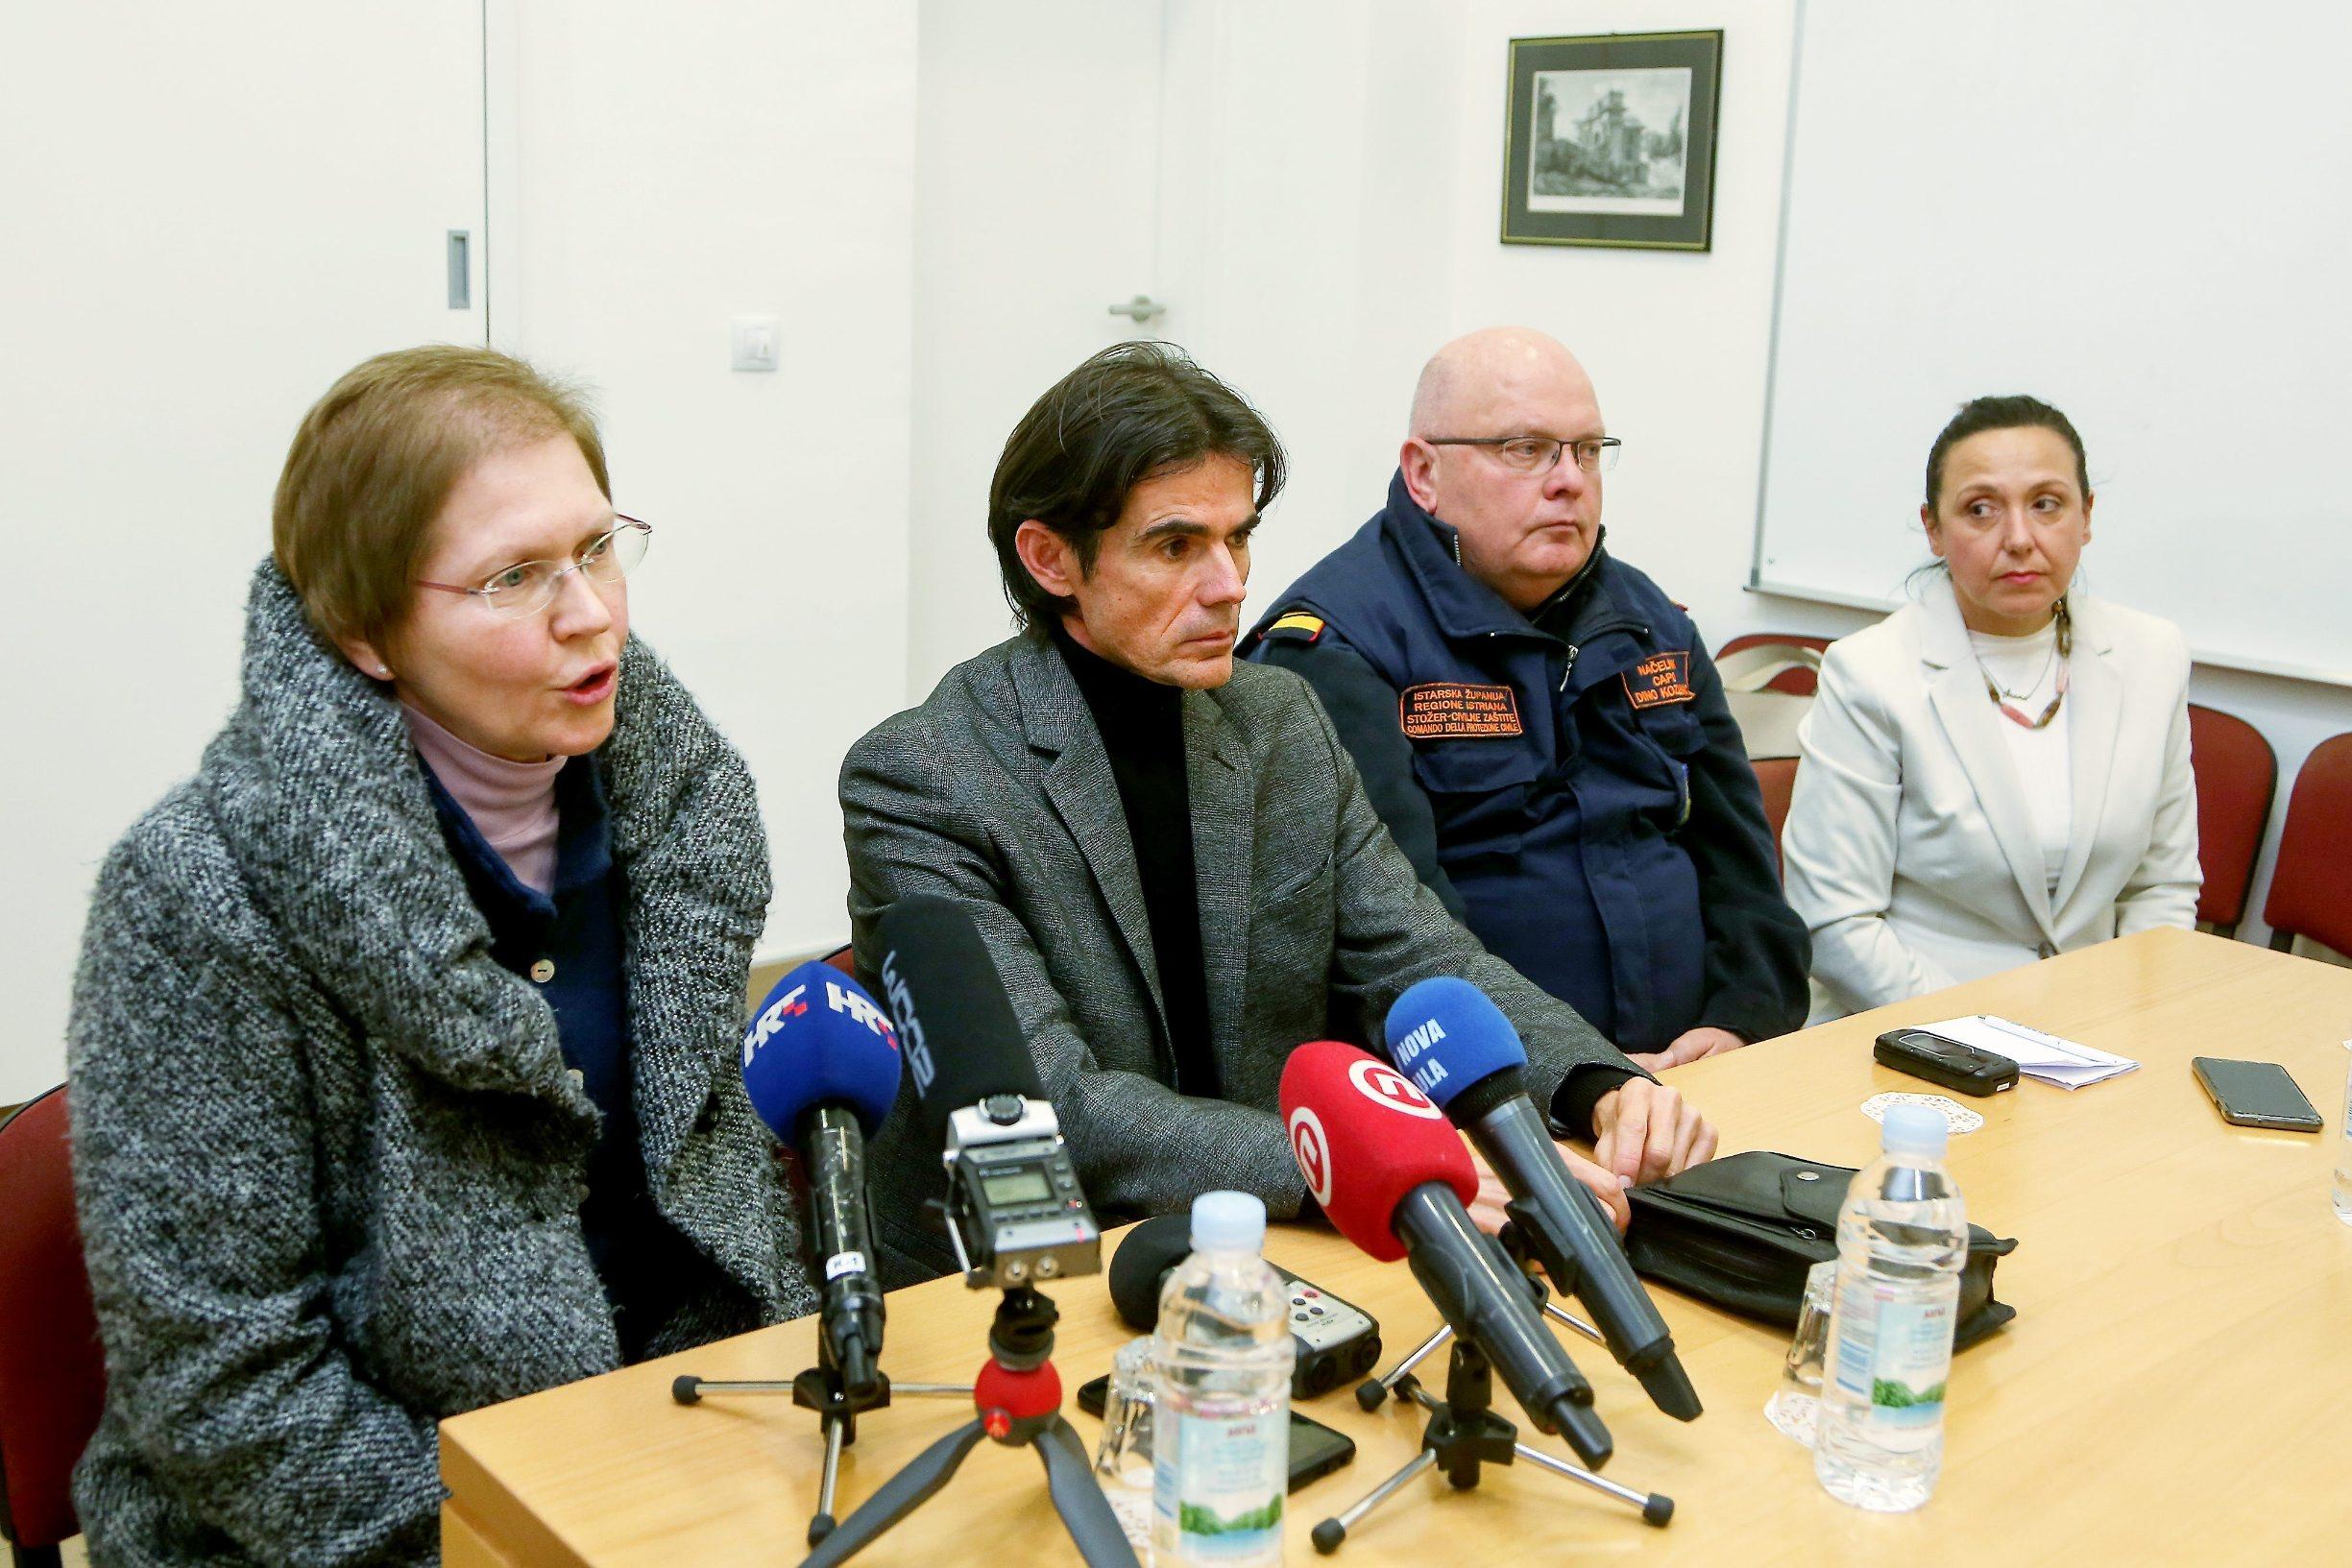 Pula, 090320. Stozer civilne zastite Istraske zupanije sazvao je press konferenciju kako bi informirali javnost da se u Istri pojavio koronavirus. Jednoj hospitaliziranoj osobi potvrdjen je virus. Foto: Goran Sebelic / CROPIX